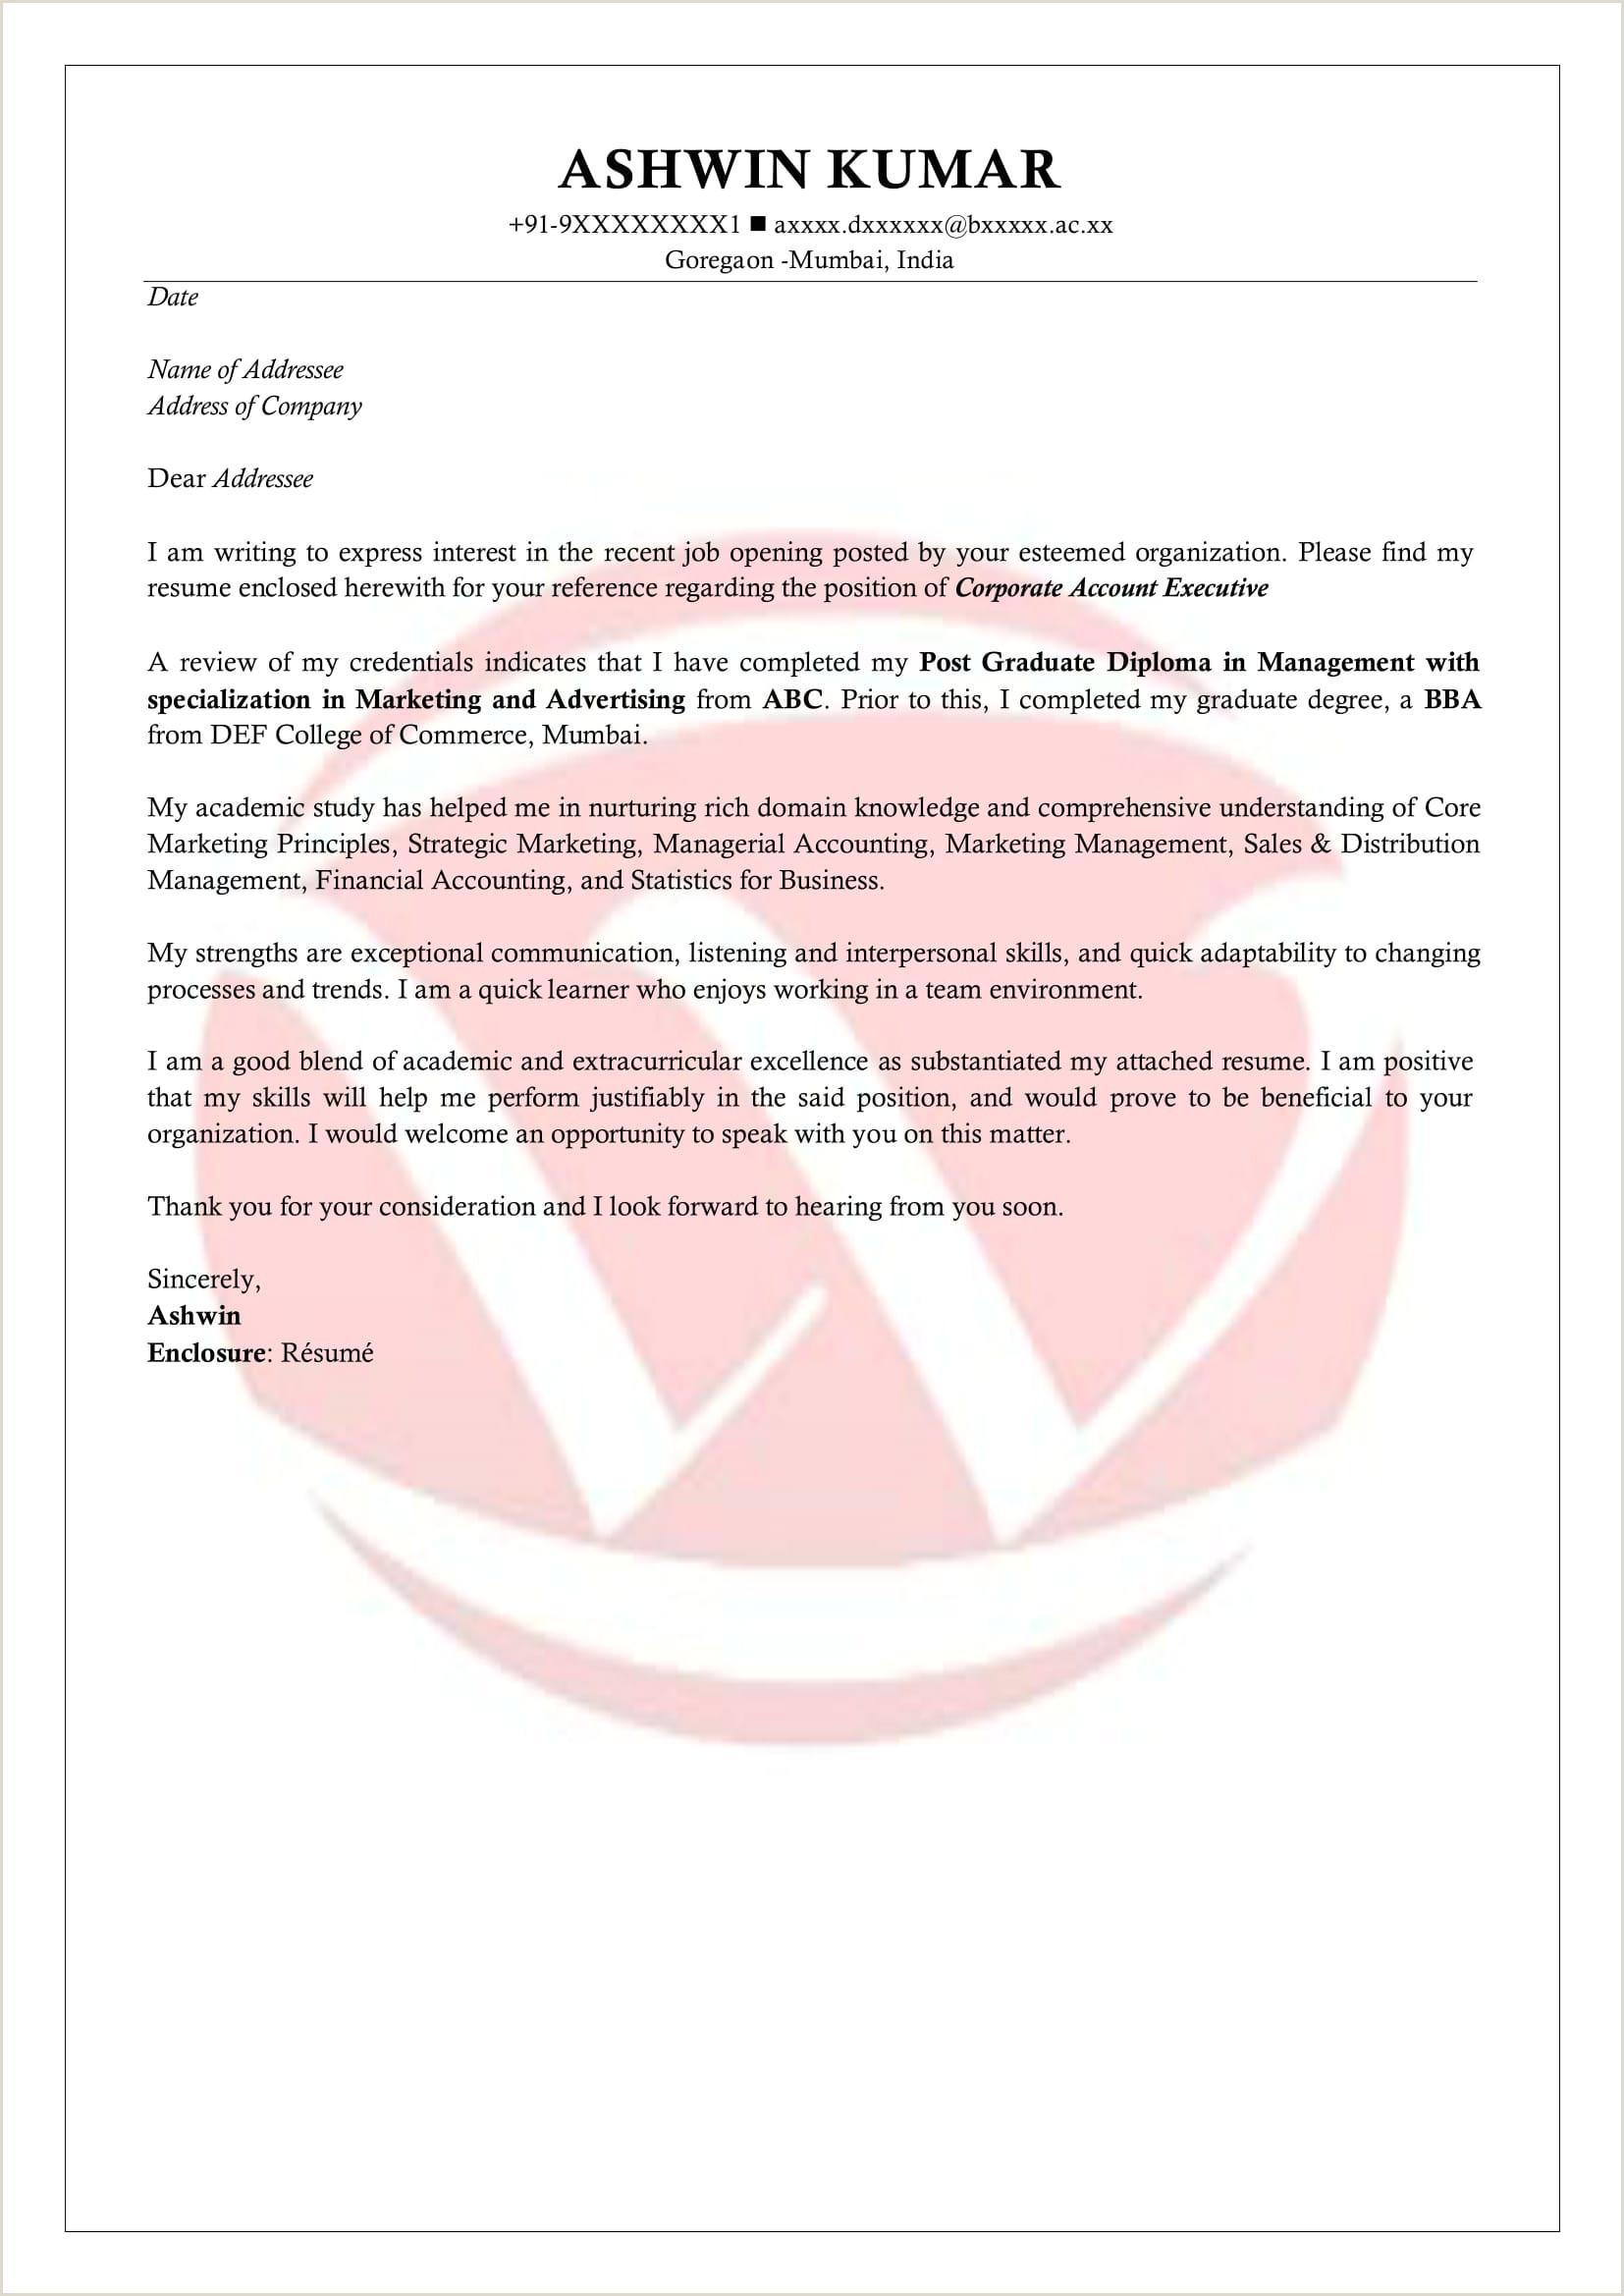 Cv Format For Bank Job Pdf Freshers Sample Cover Letter Format Download Cover Letter